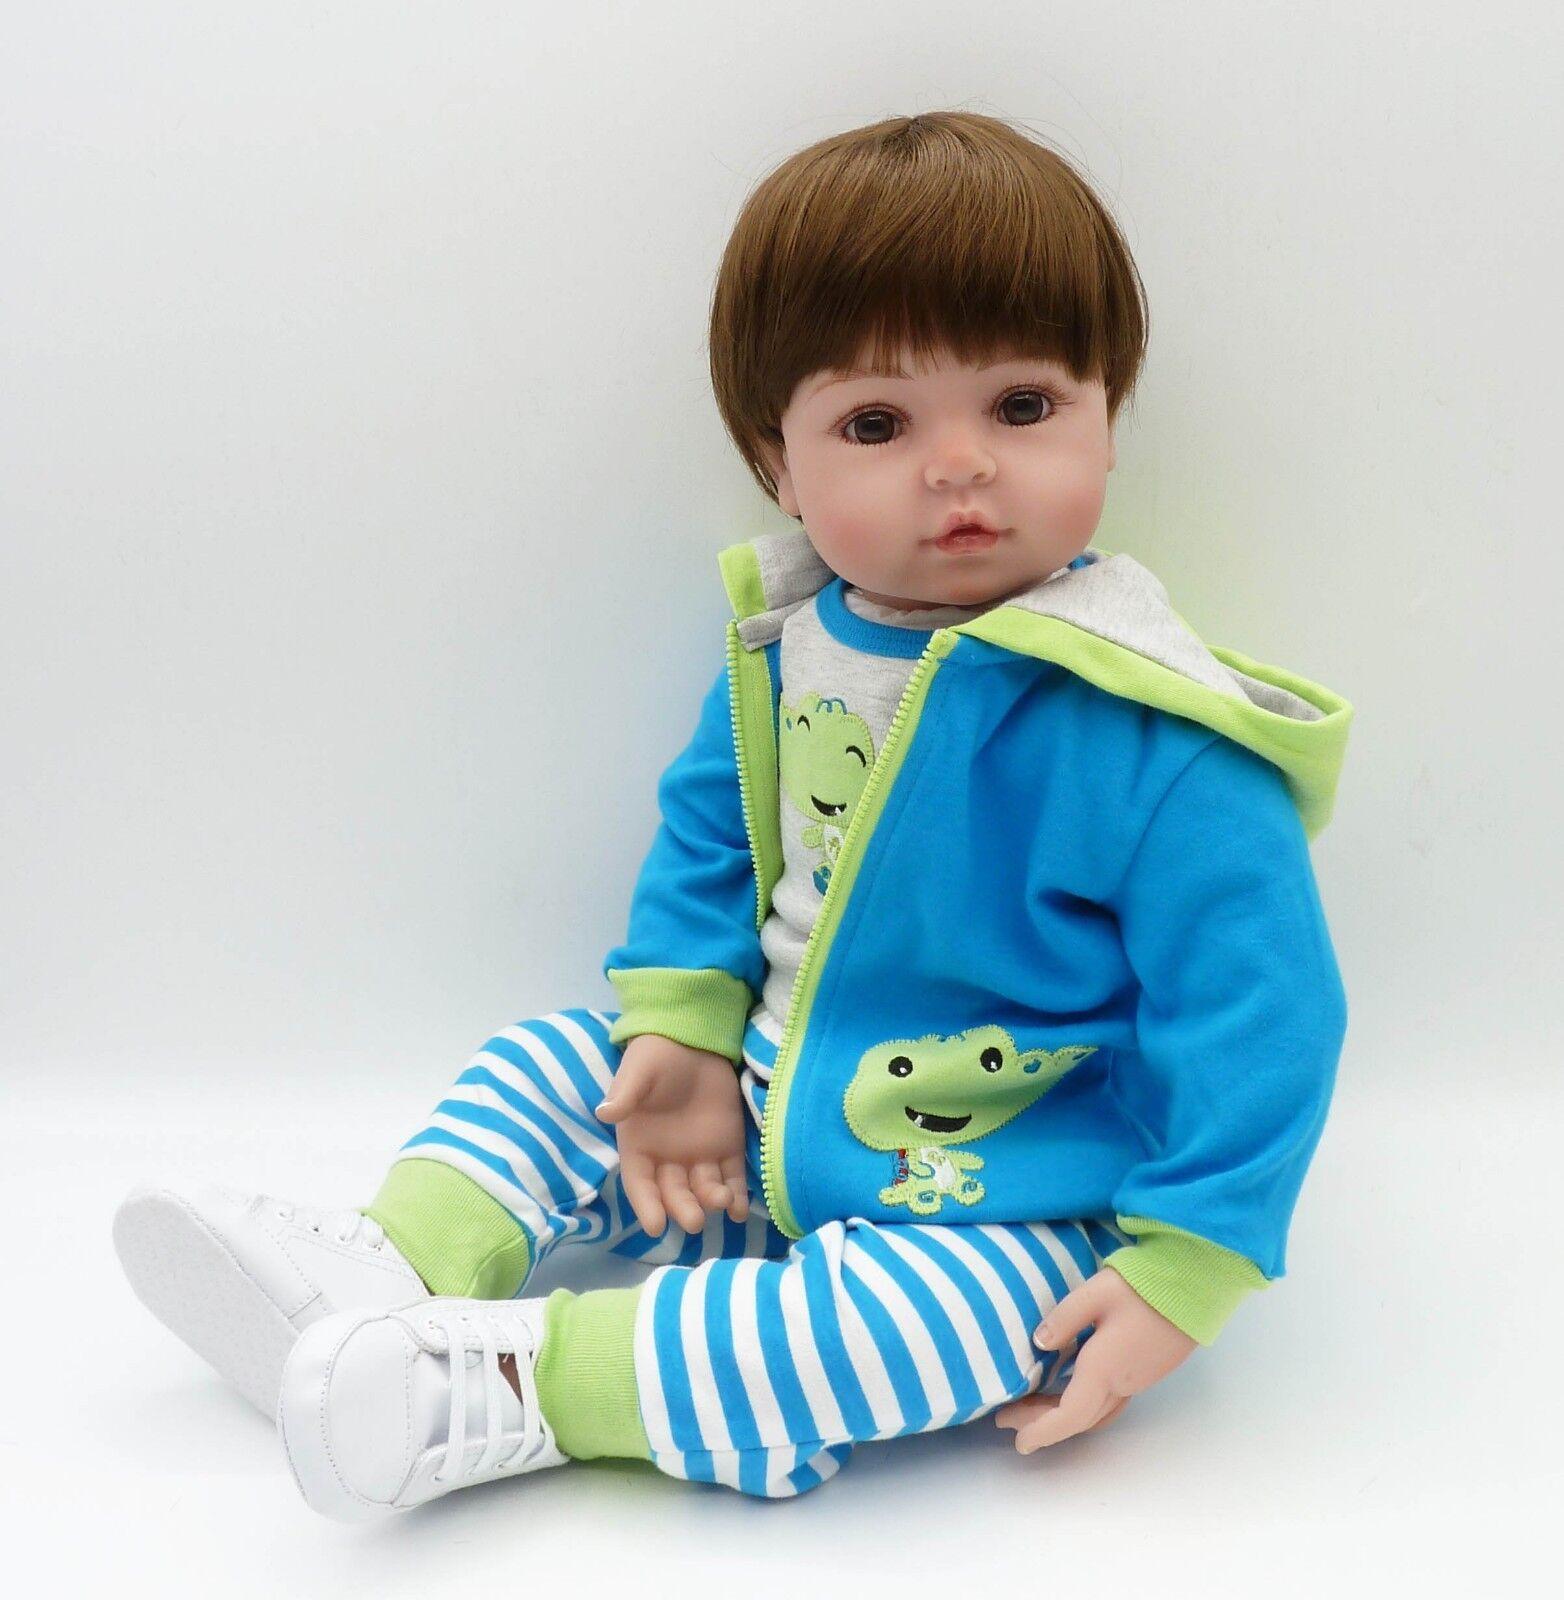 Poupée Toddler Comme Dans La Vraie Vie Dormir Bébé Nouveau Jouet Enfants Cadeau